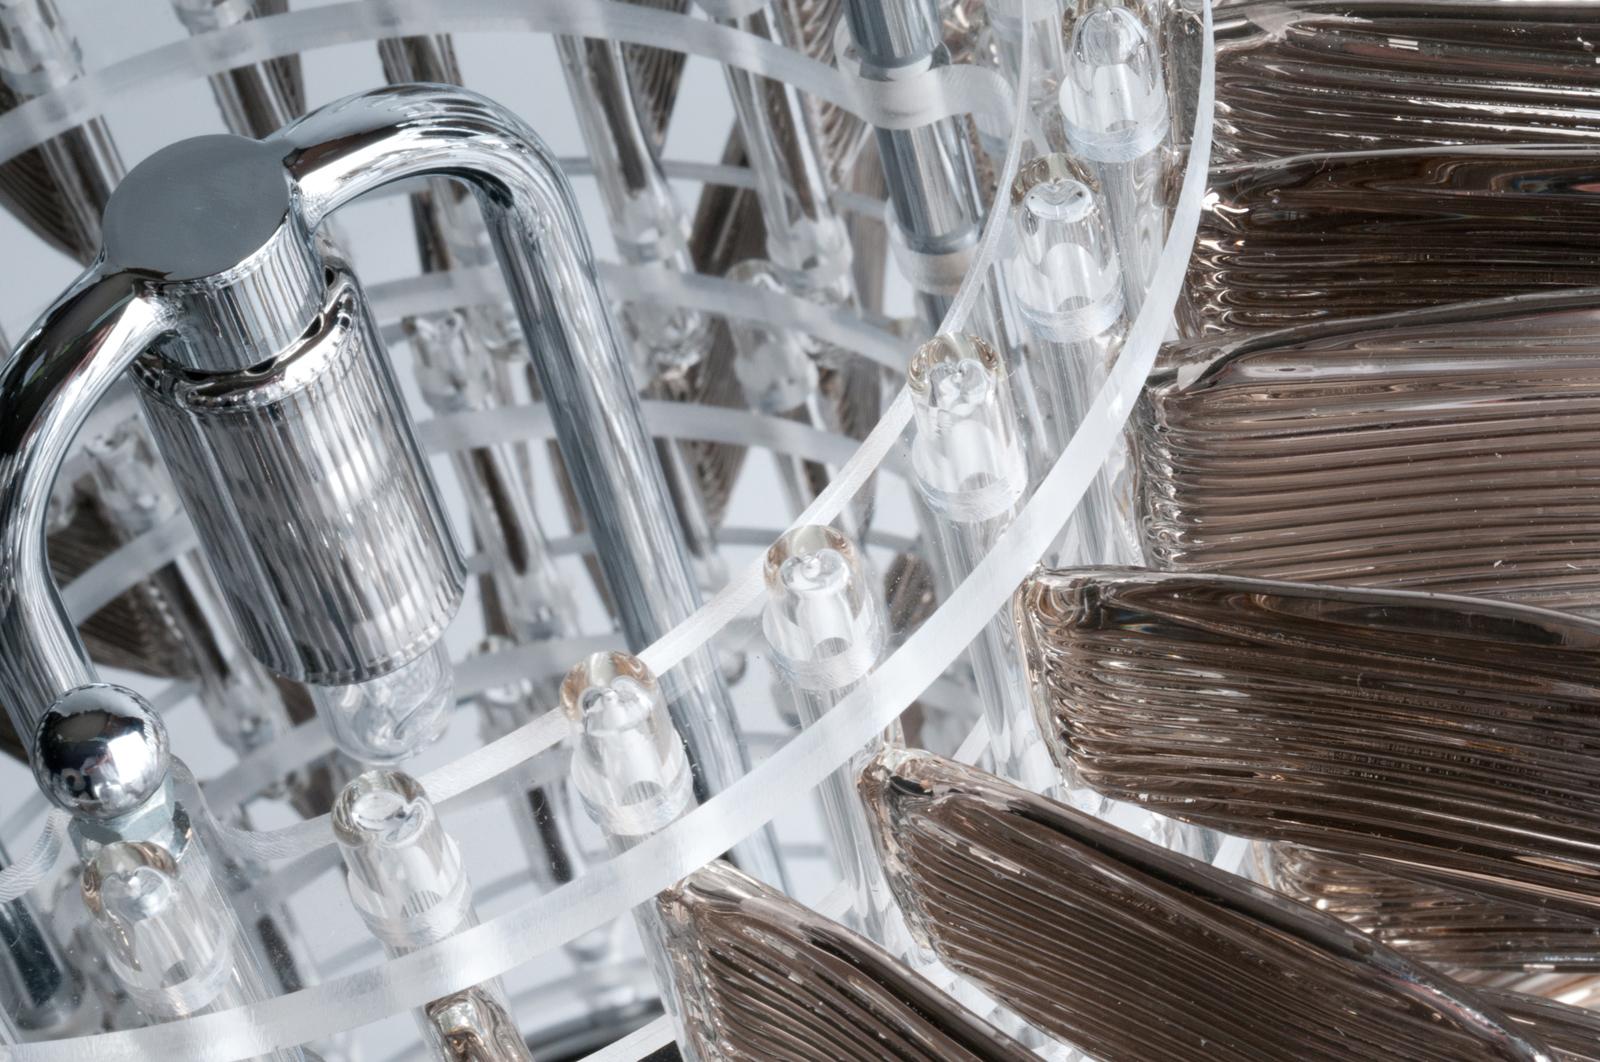 anemone-56-table-chrome-platine-platinium-veronese-maurizio-galante-tal-lancman-101.jpg